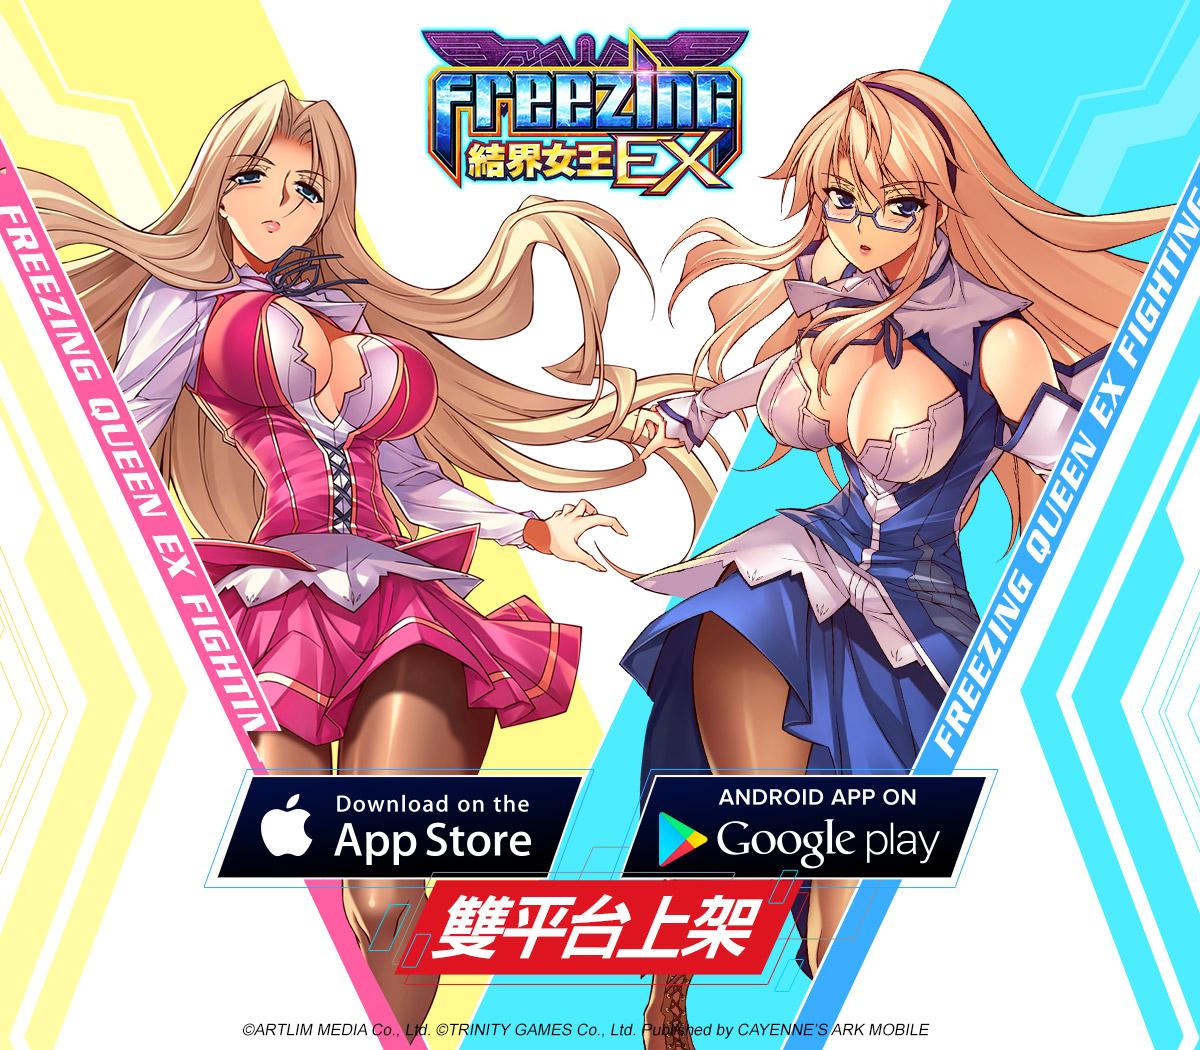 《結界女王EX》ios版推出 雙平台完整上市  最強偶像白雪姬 閃亮登場